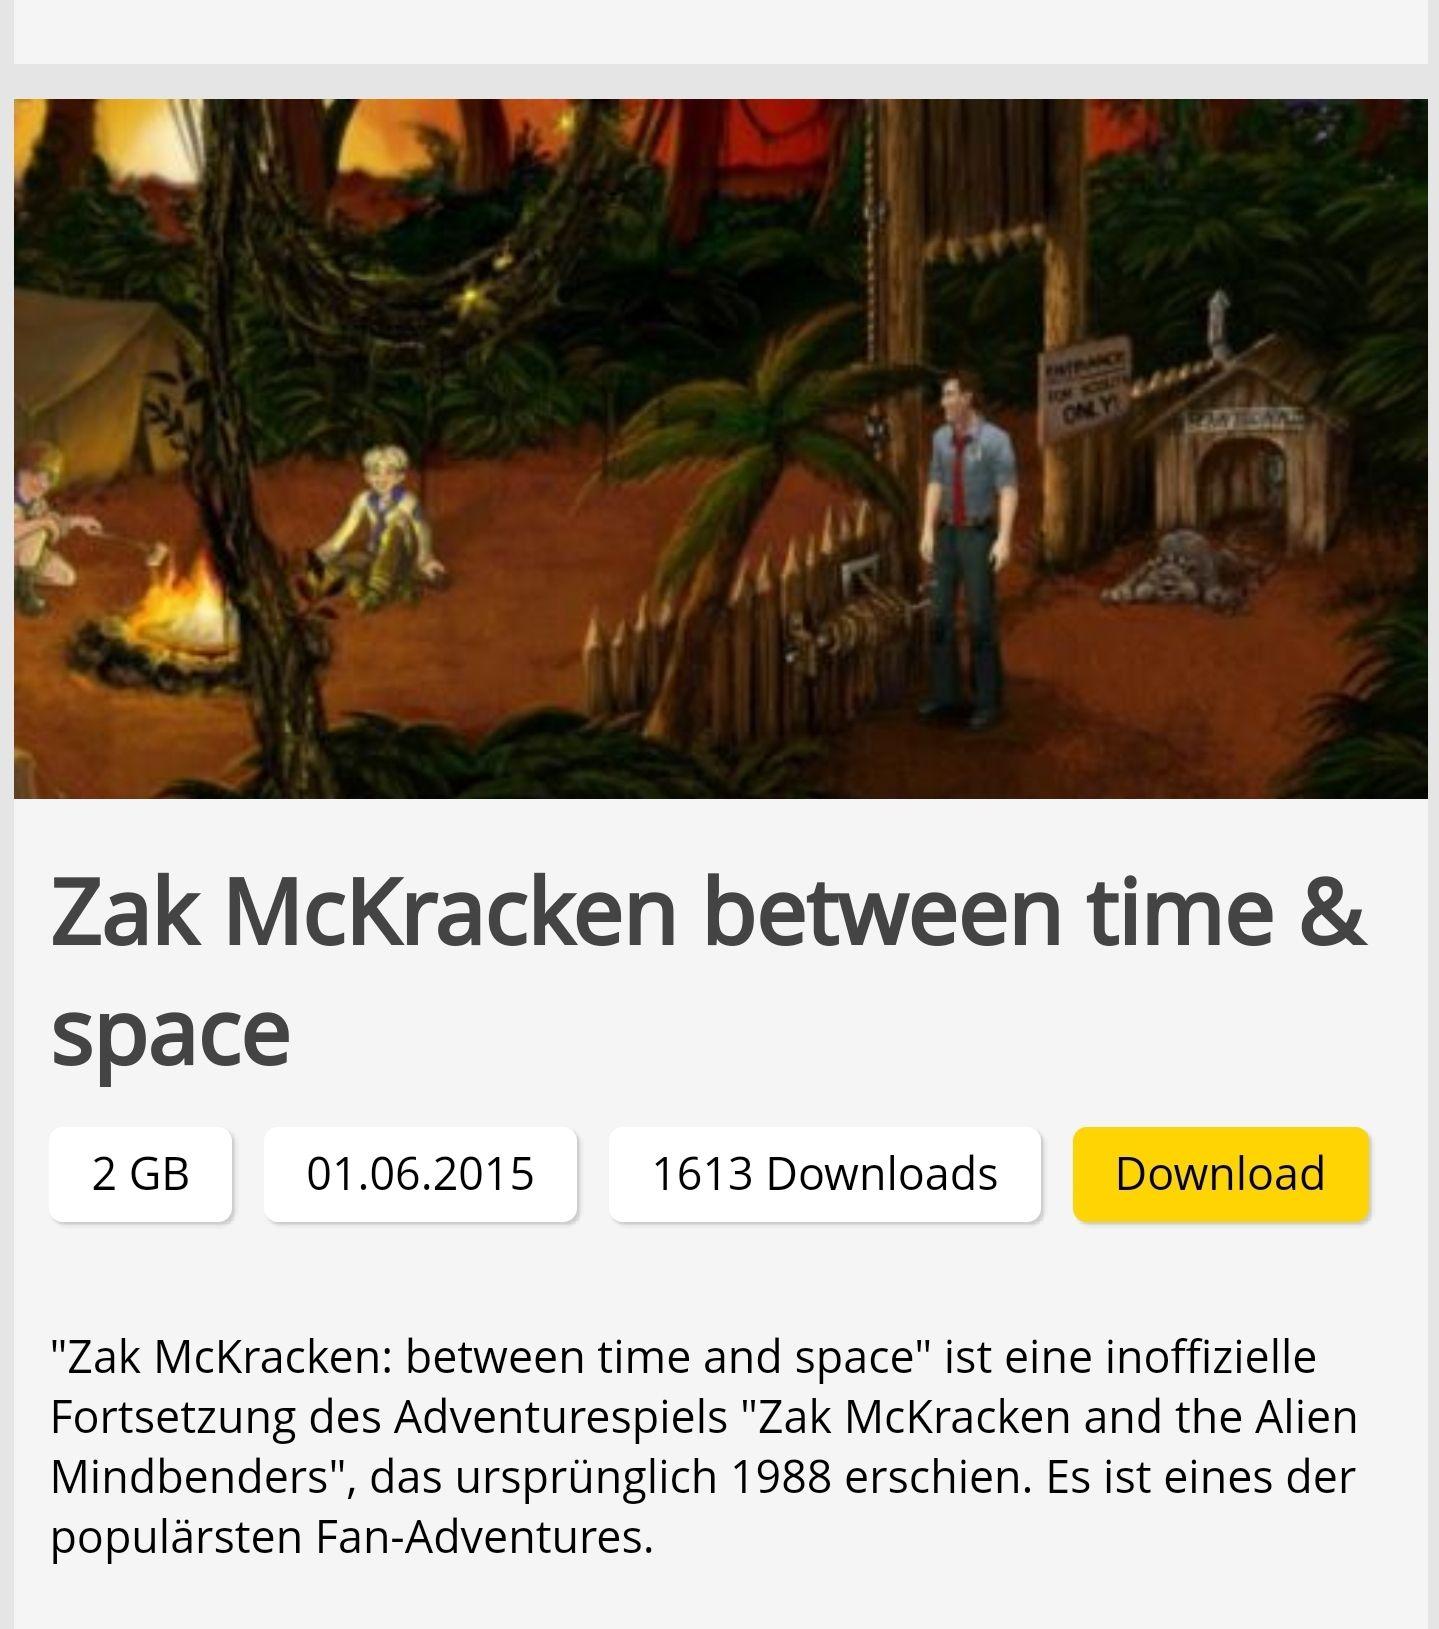 Zac McKracken between time and space uvm. kostenloser Download PC